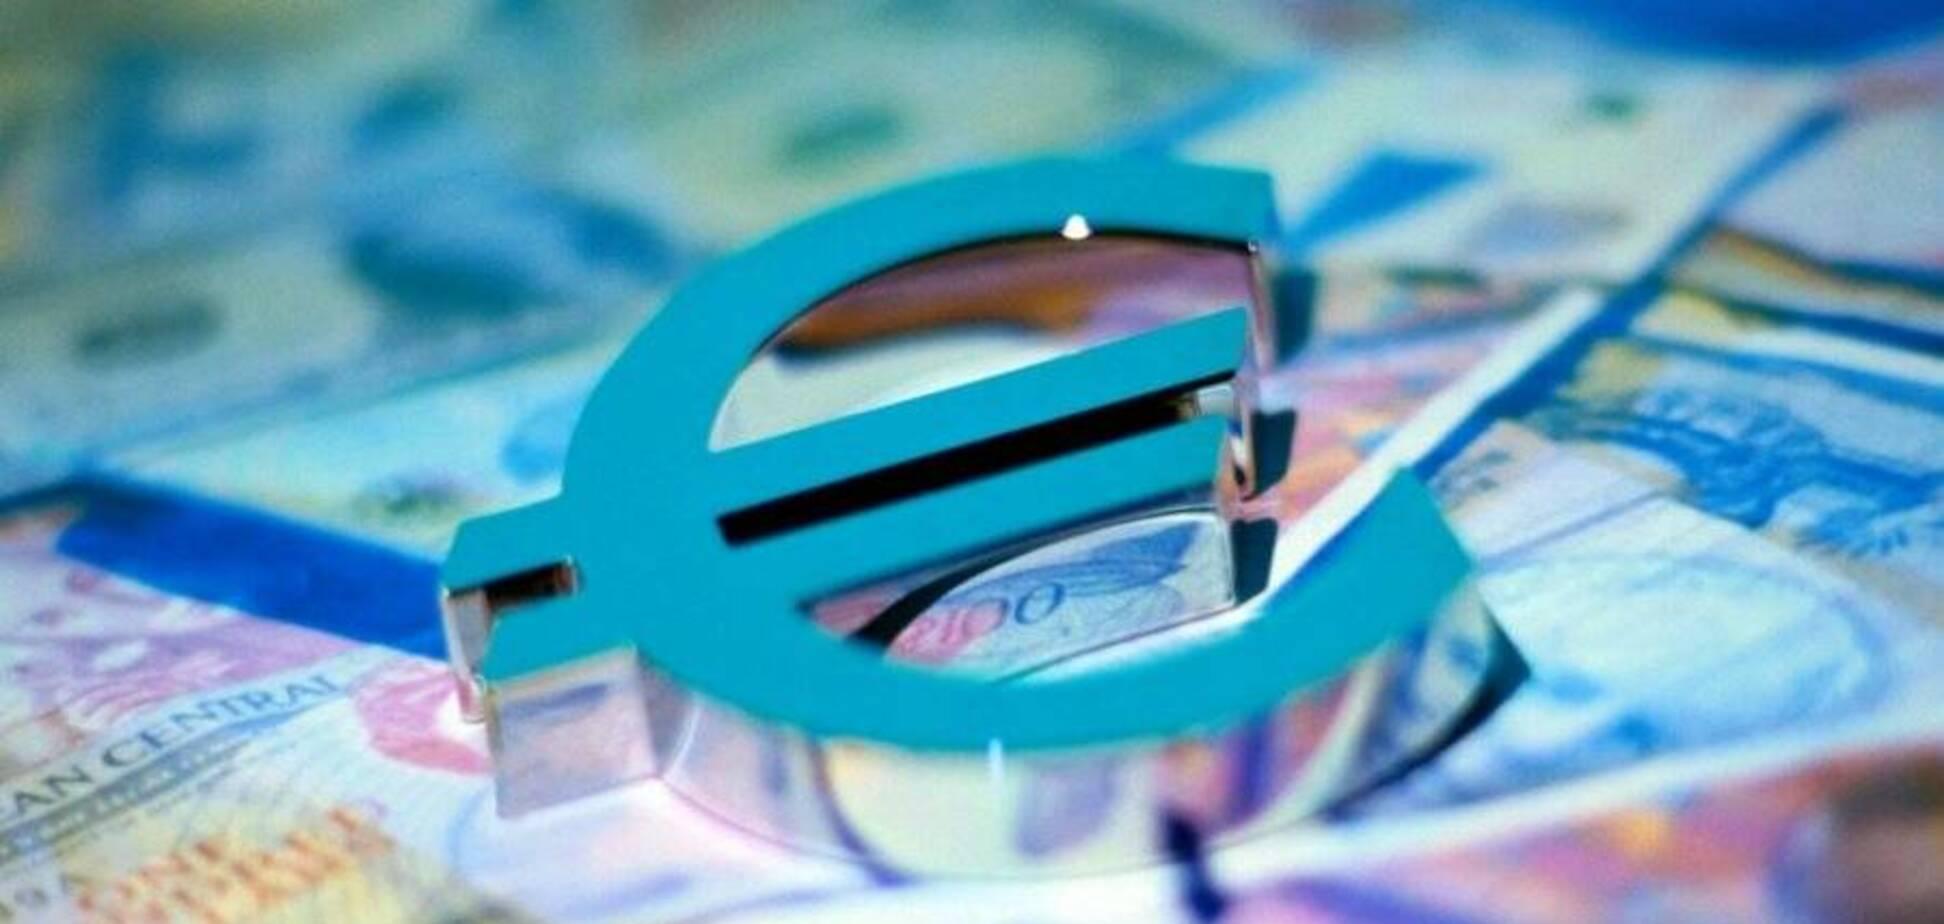 'Економія' на єврооблігаціях: обслуговувати борг буде дорожче